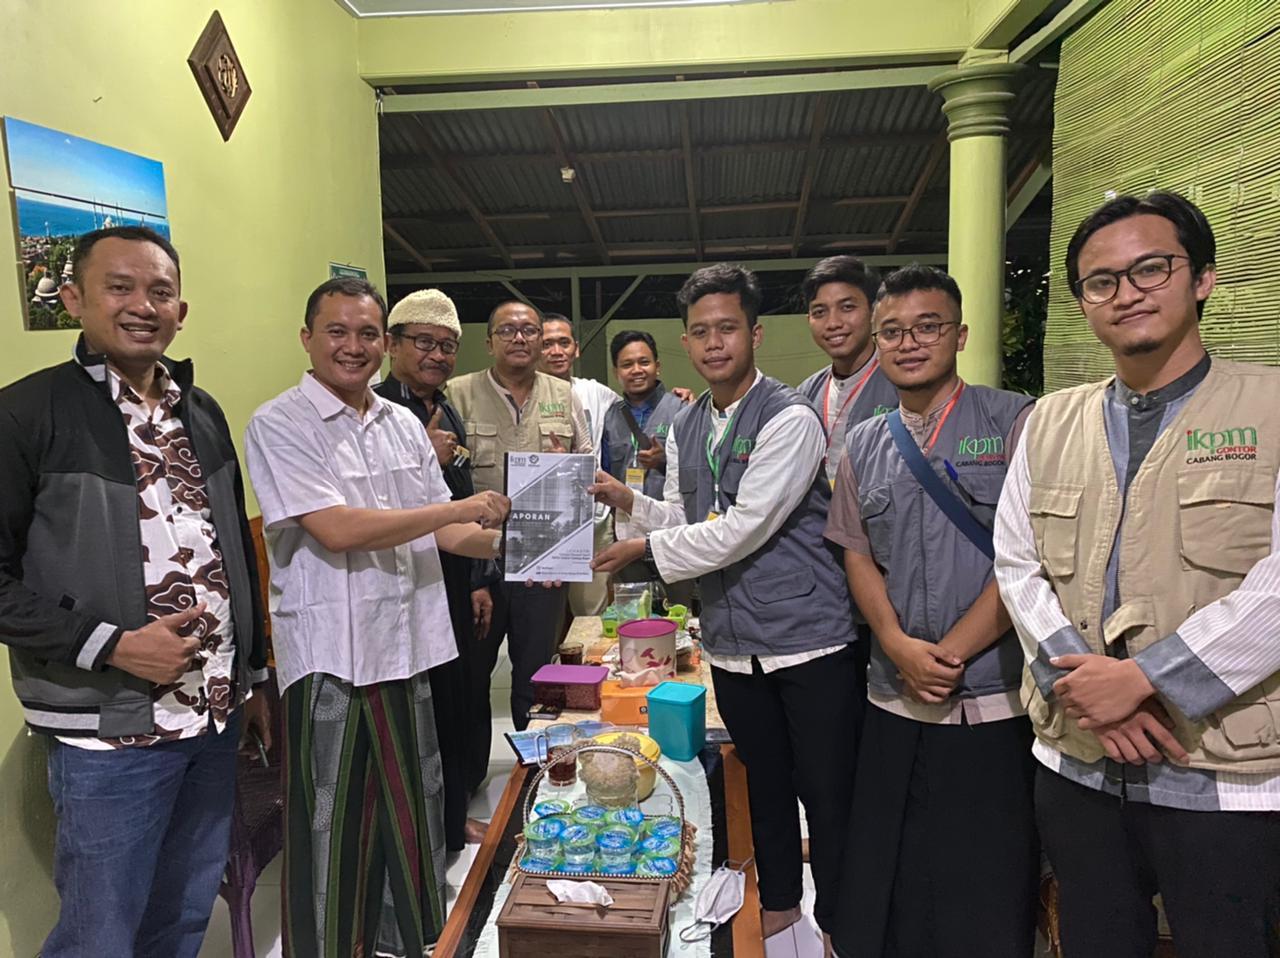 """""""Menjadi yang Pertama, IKPM Bogor Menyerahkan Laporan Kegiatan kepada PP IKPM Gontor Sebagai Bentuk Transparansi""""."""